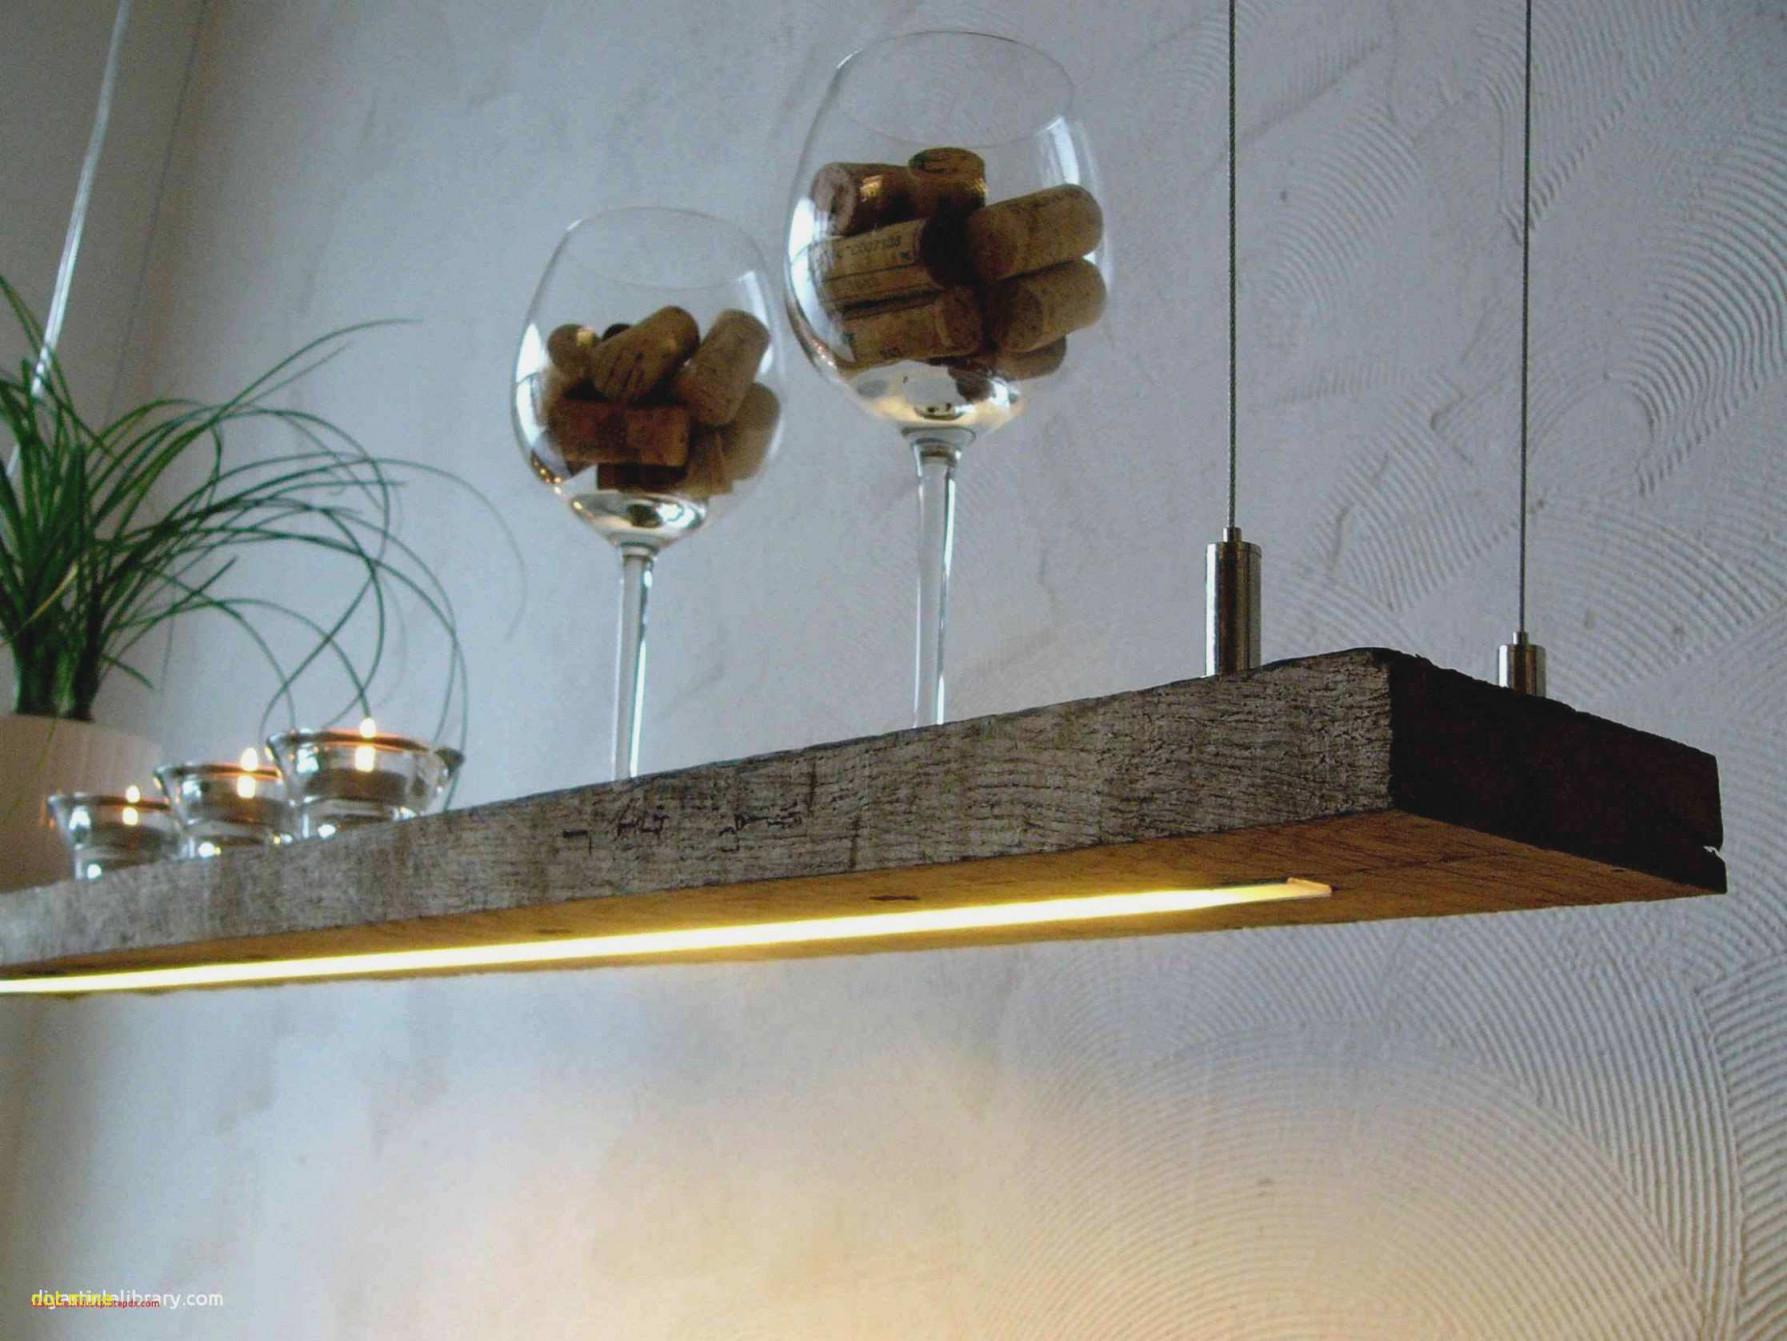 Deckenleuchte Aus Holz Luxus Wohnzimmer Deckenlampe Holz von Wohnzimmer Deckenlampe Holz Photo